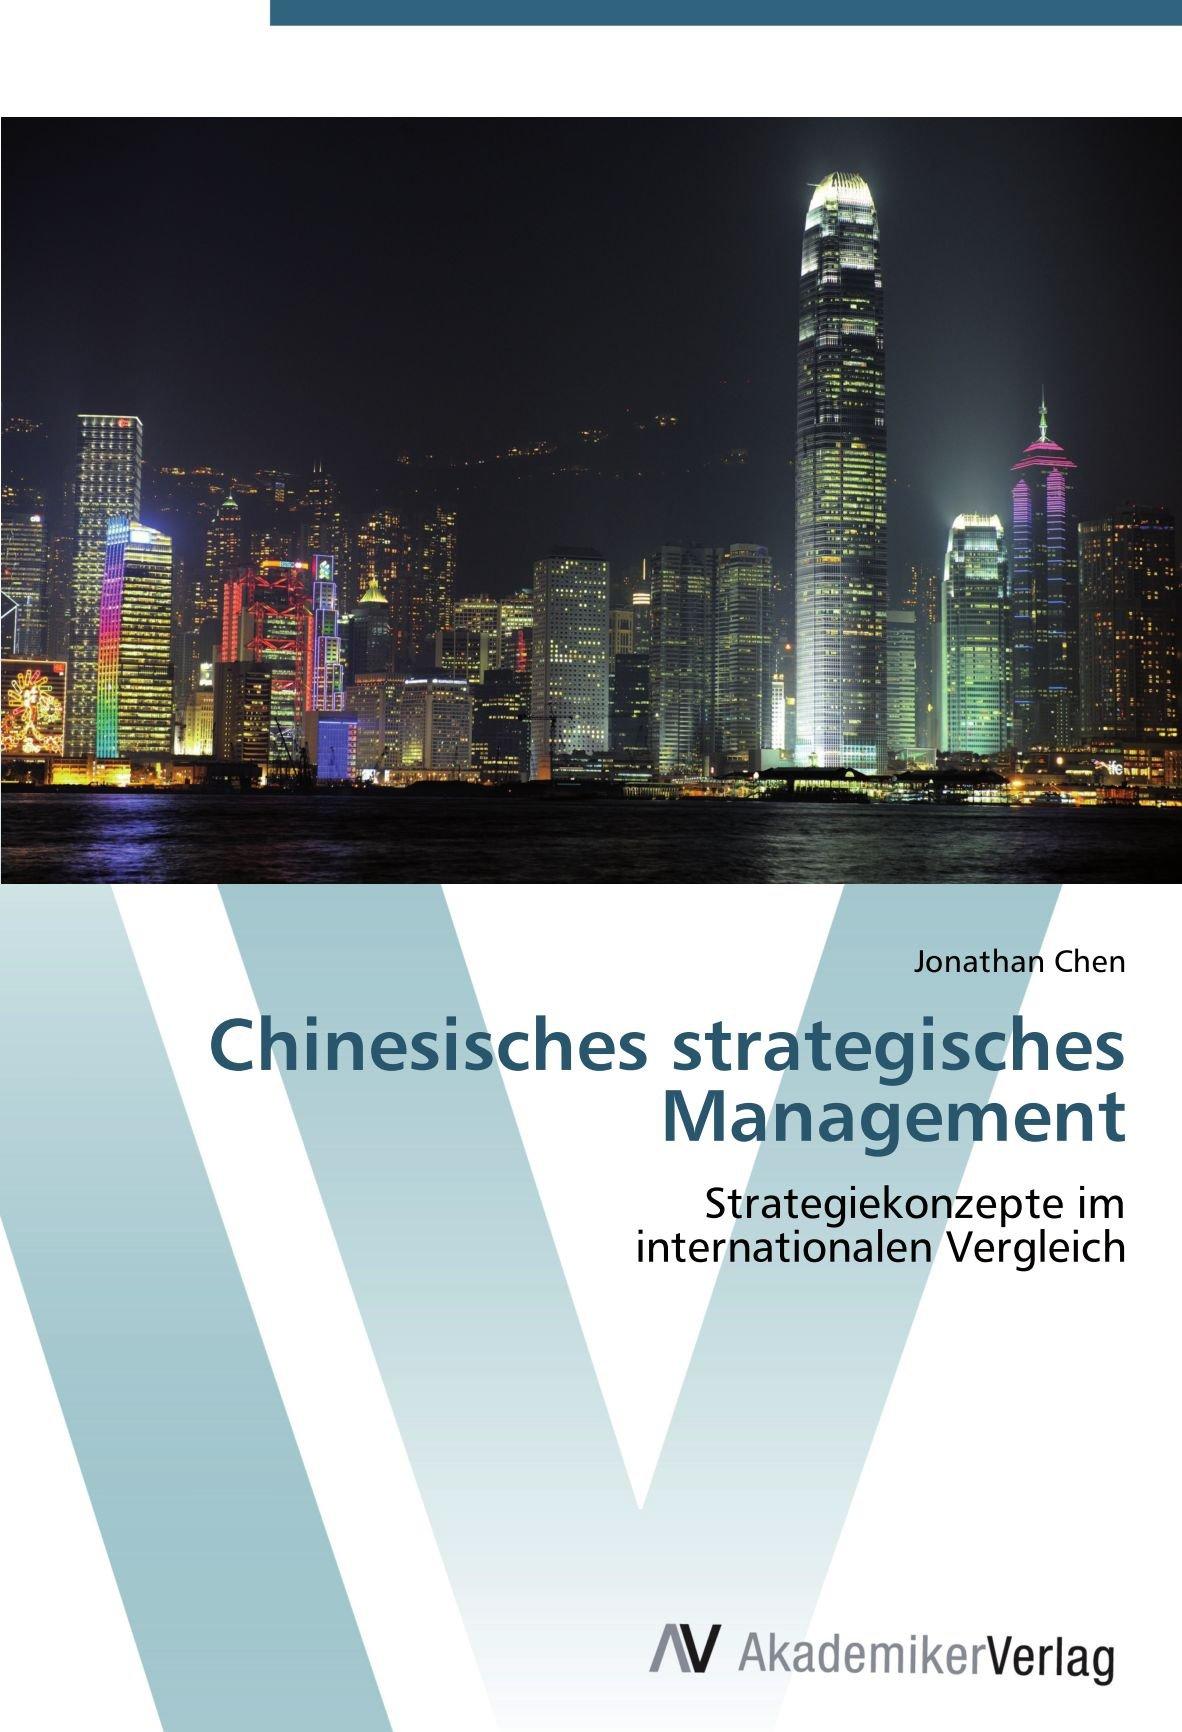 chinesisches-strategisches-management-strategiekonzepte-im-internationalen-vergleich